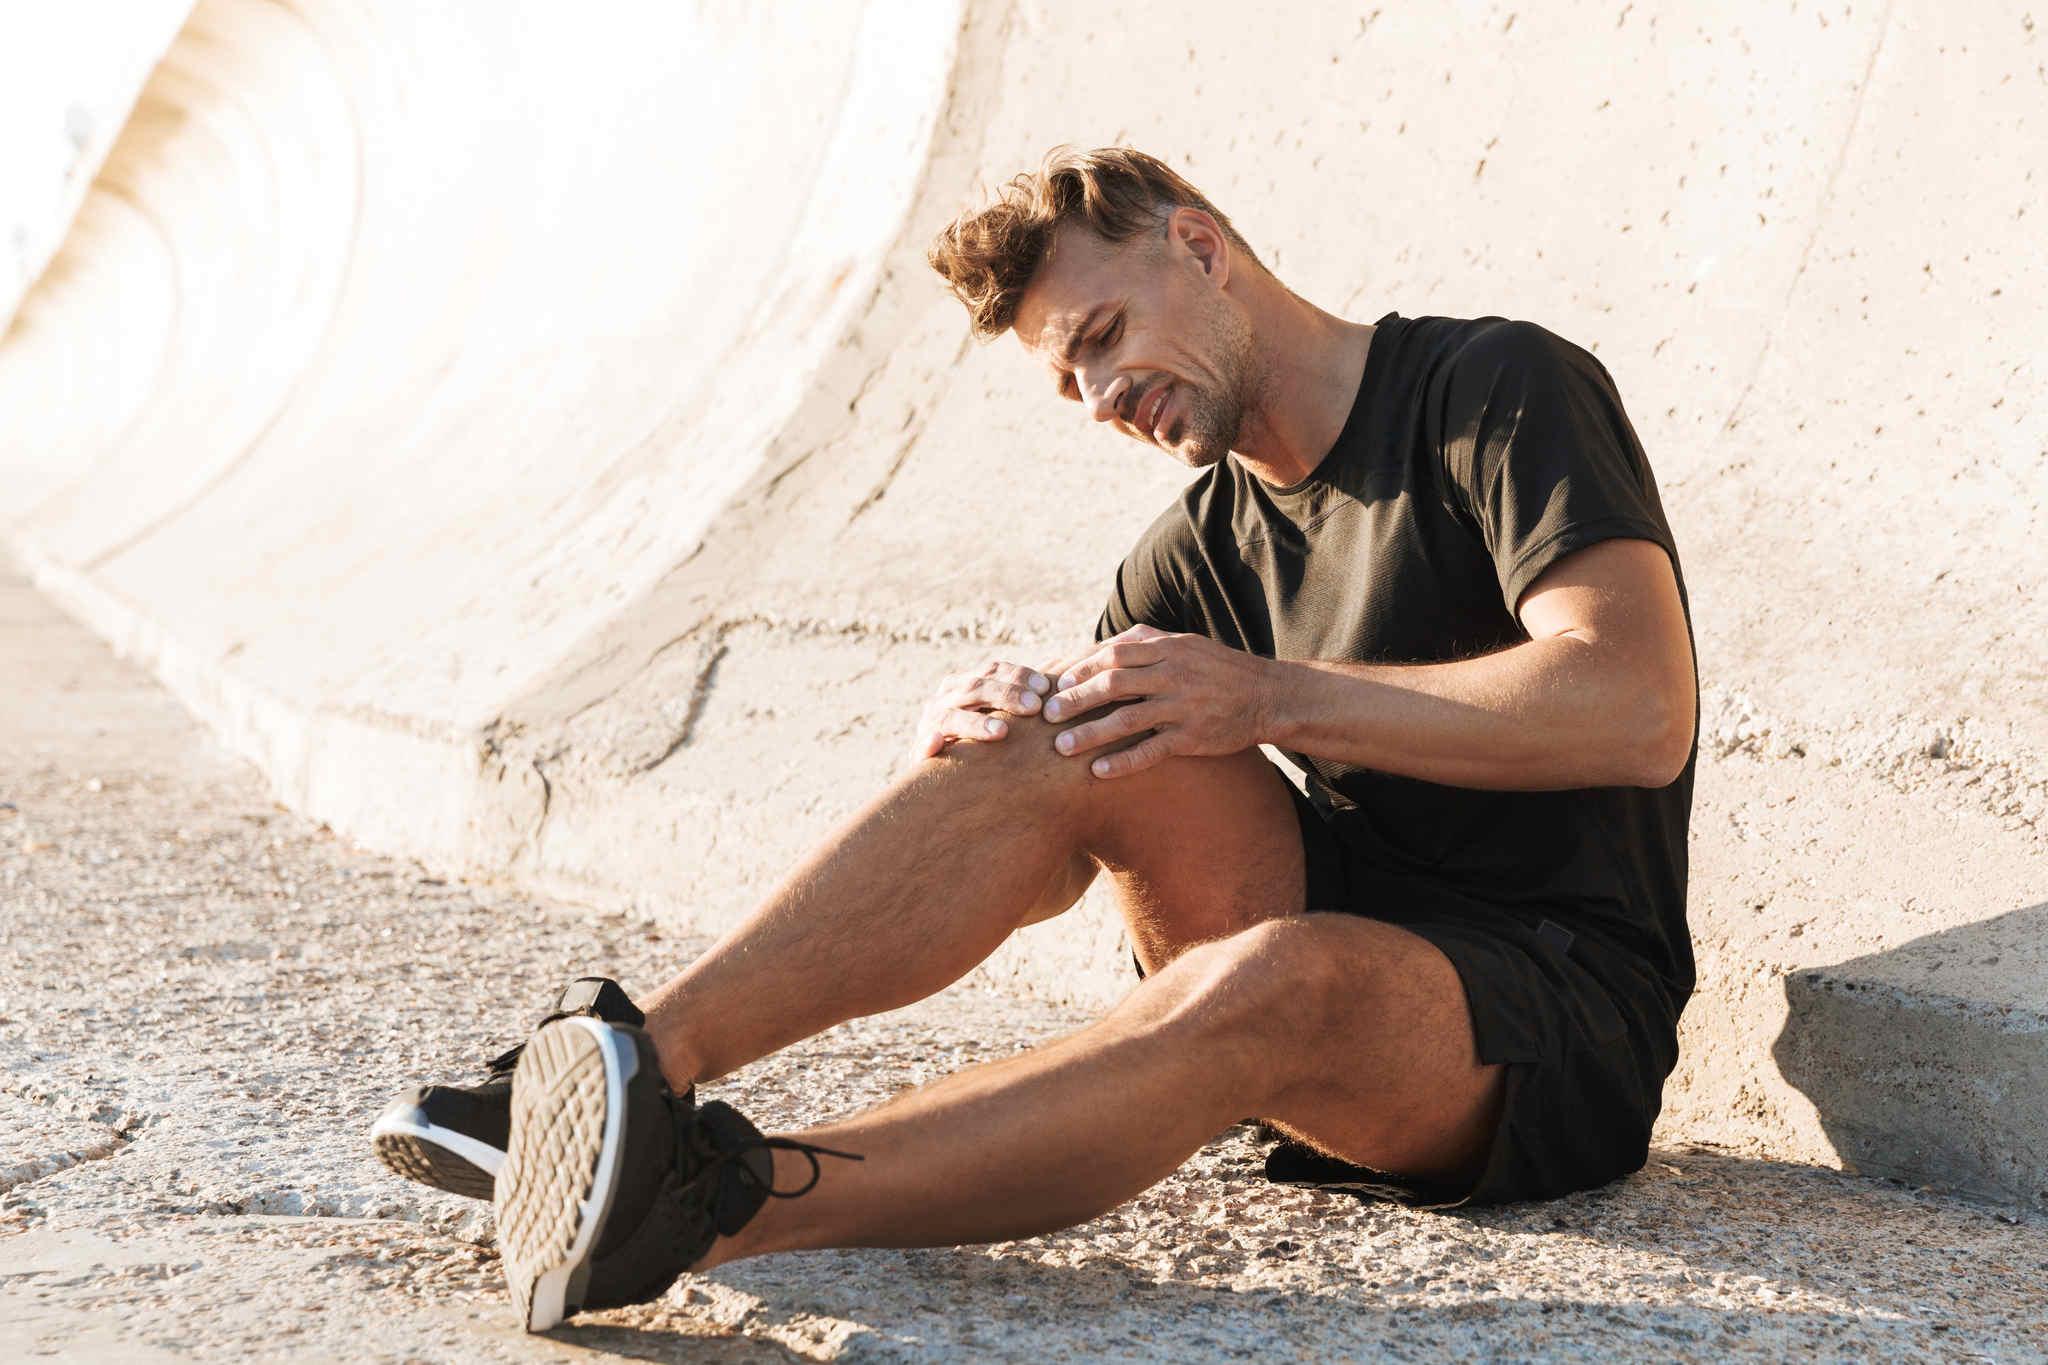 eklem ağrısı olan yorulmuş adam, eklem ağrılarına ne iyi gelir